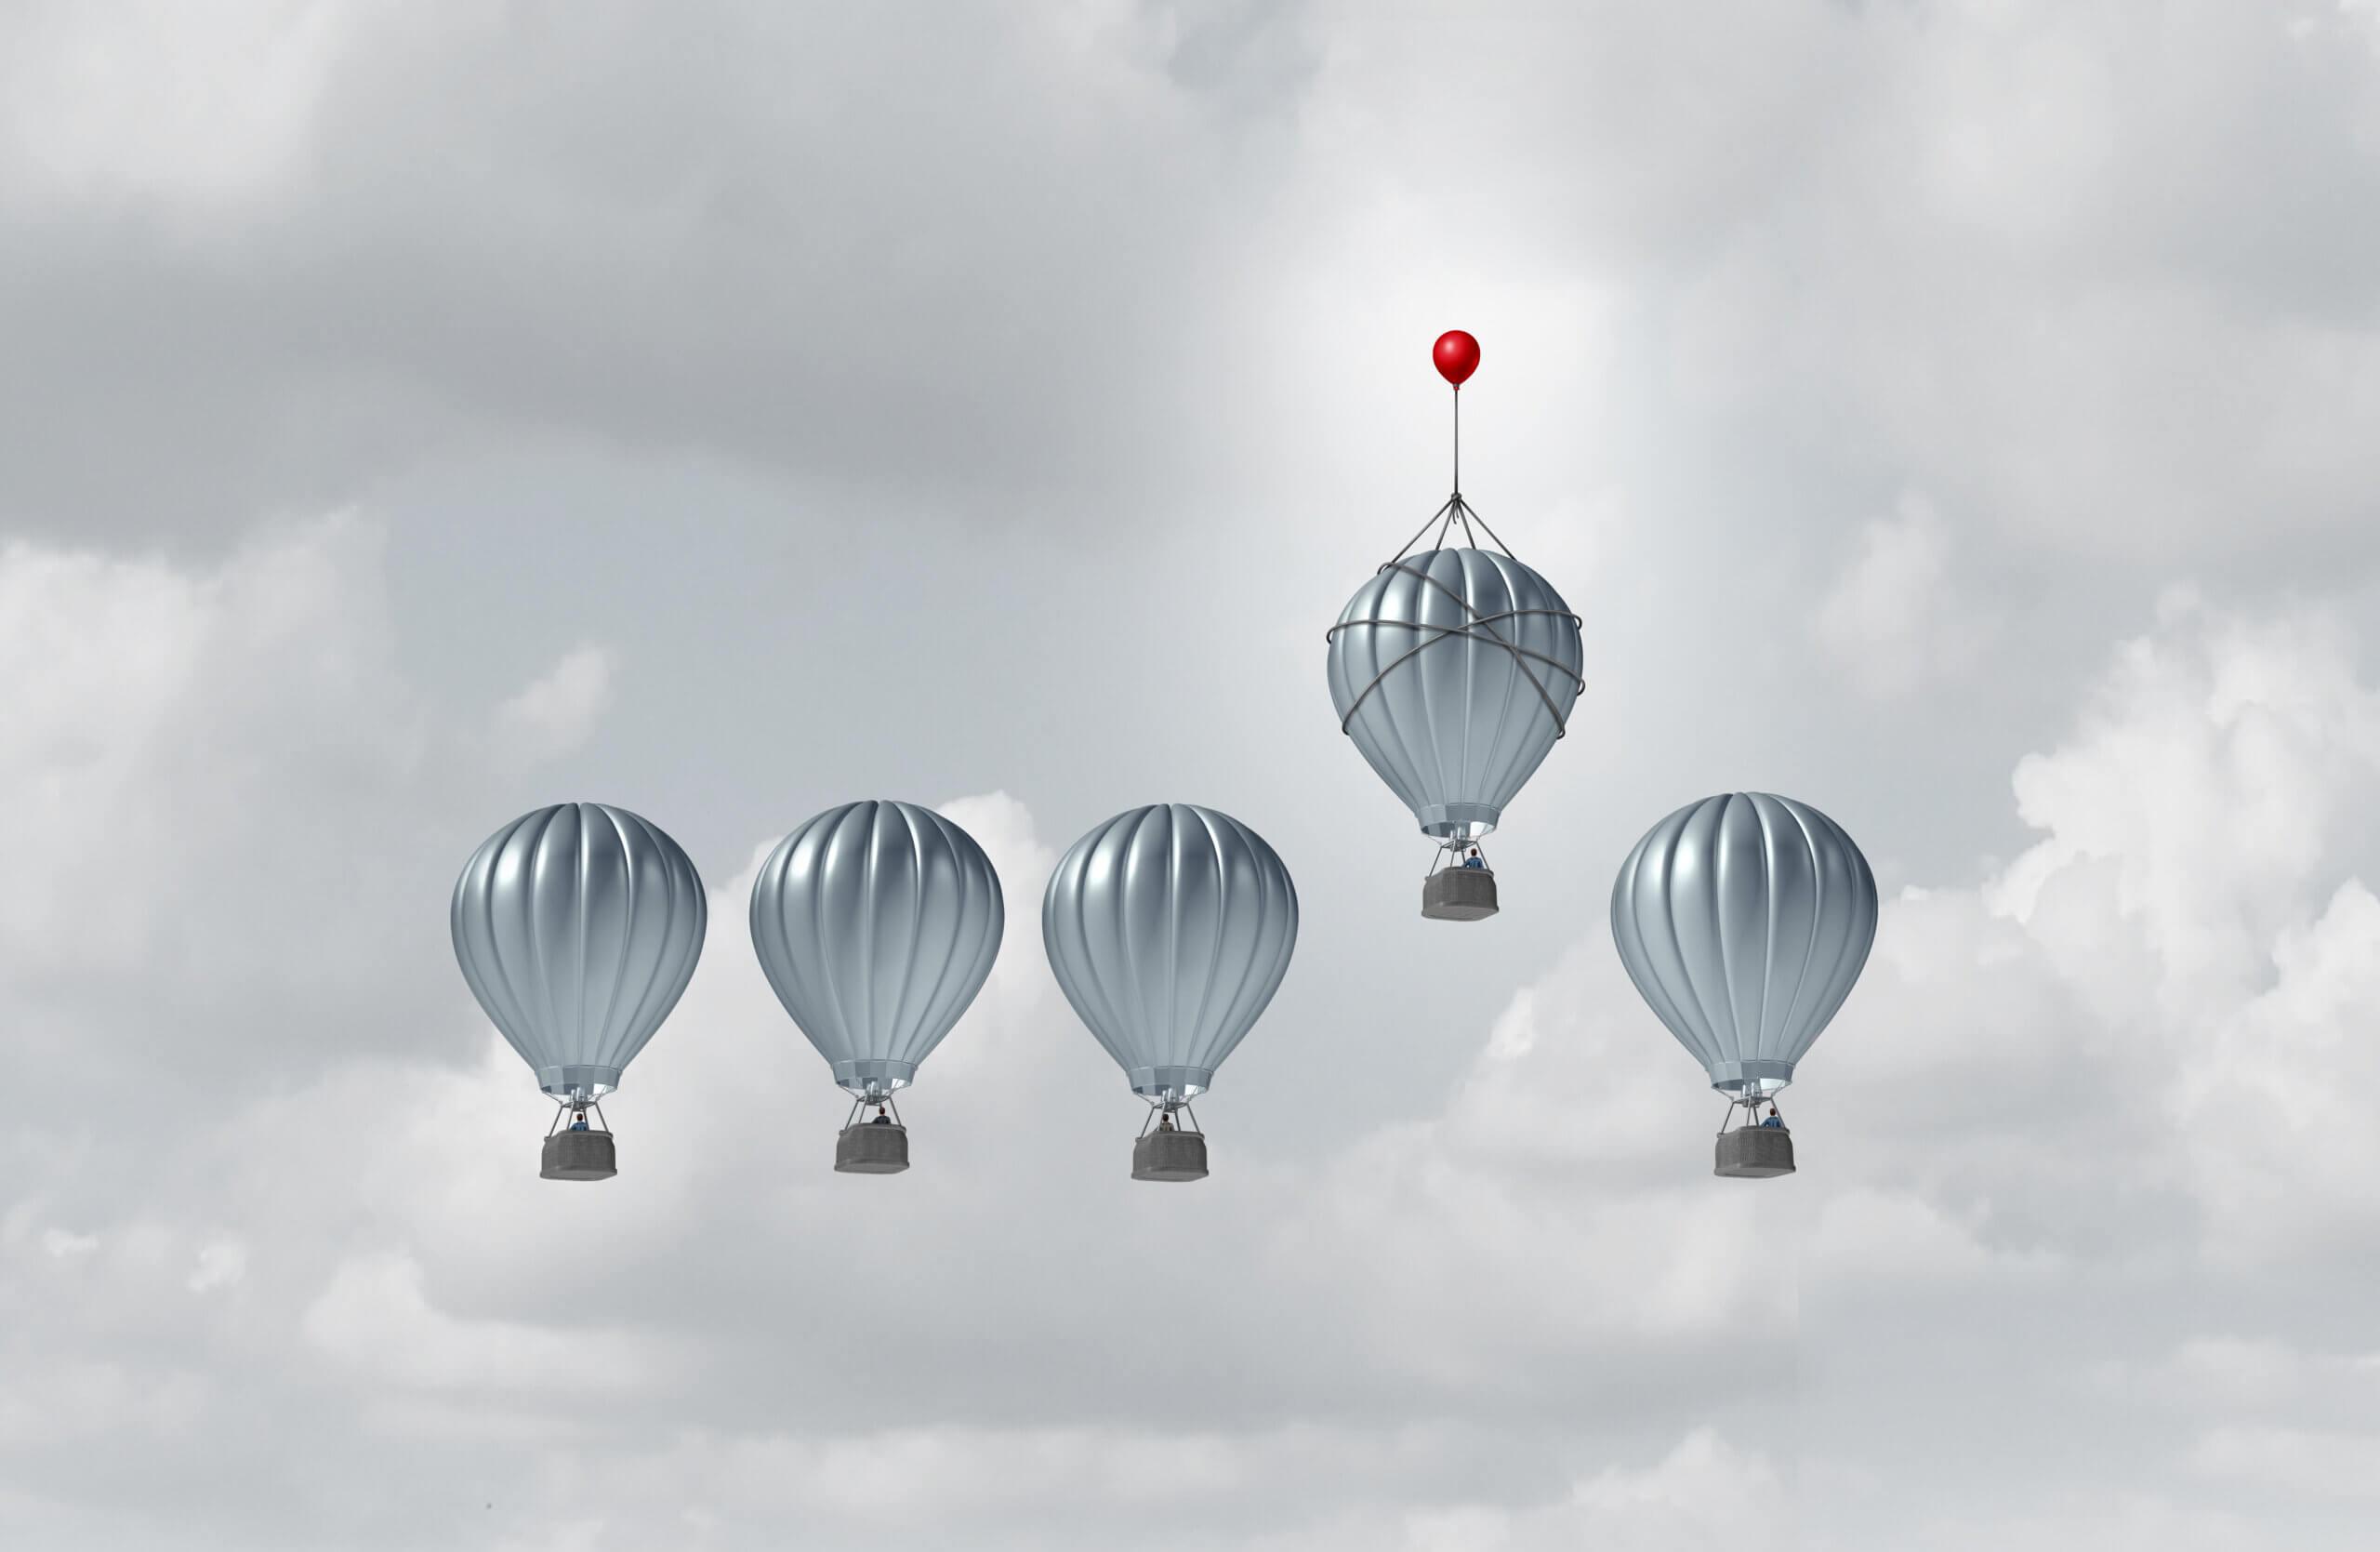 fünf graue heißluftballons, von denen sich der vierte von links von den anderen abhebt, indem er von einem roten kleineren ballon nach oben gezogen wird